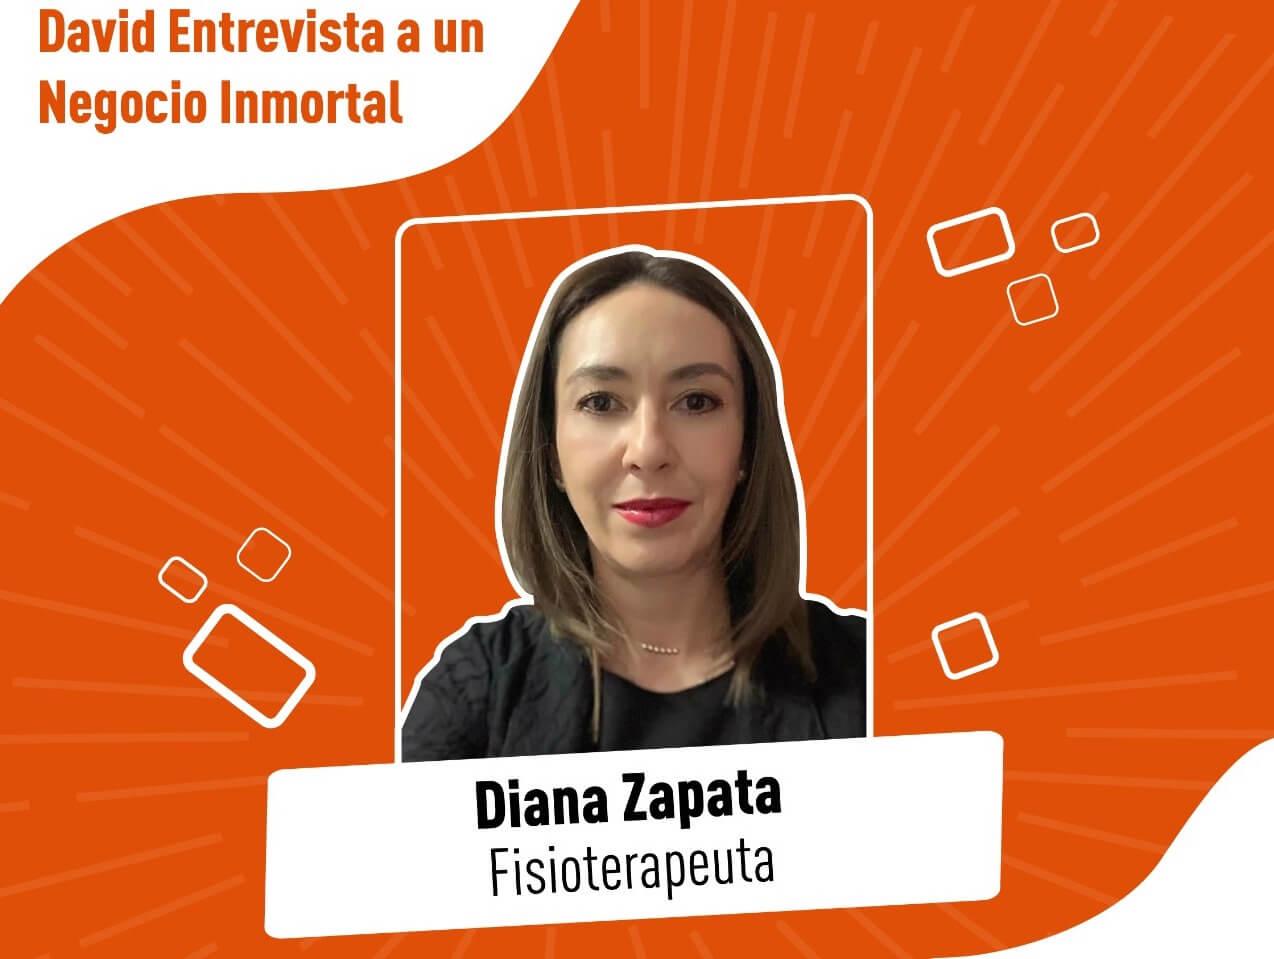 David Gomez entrevista Diana Zapata fisioterapeuta